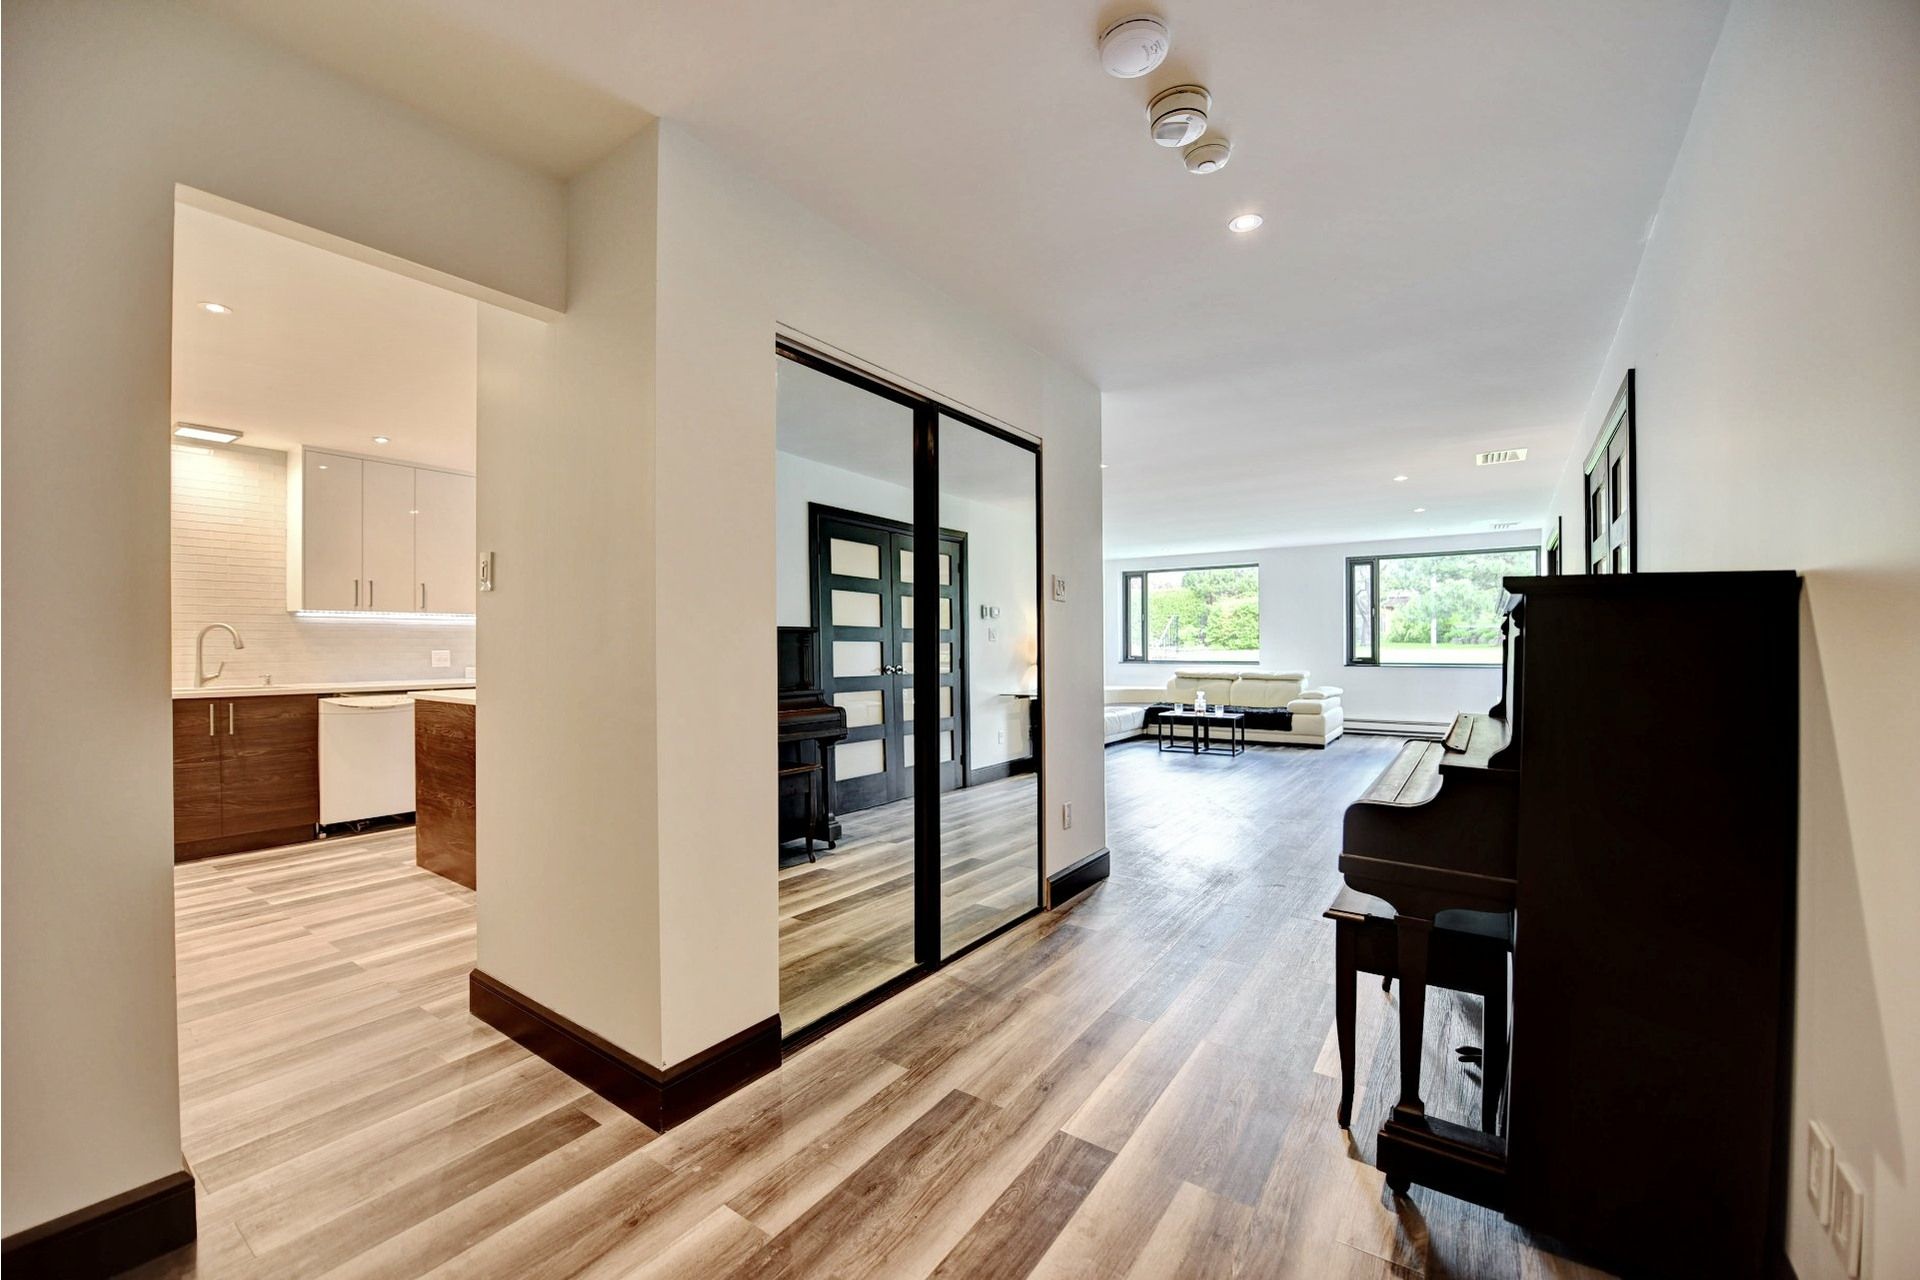 image 4 - Appartement À vendre Montréal Verdun/Île-des-Soeurs  - 8 pièces